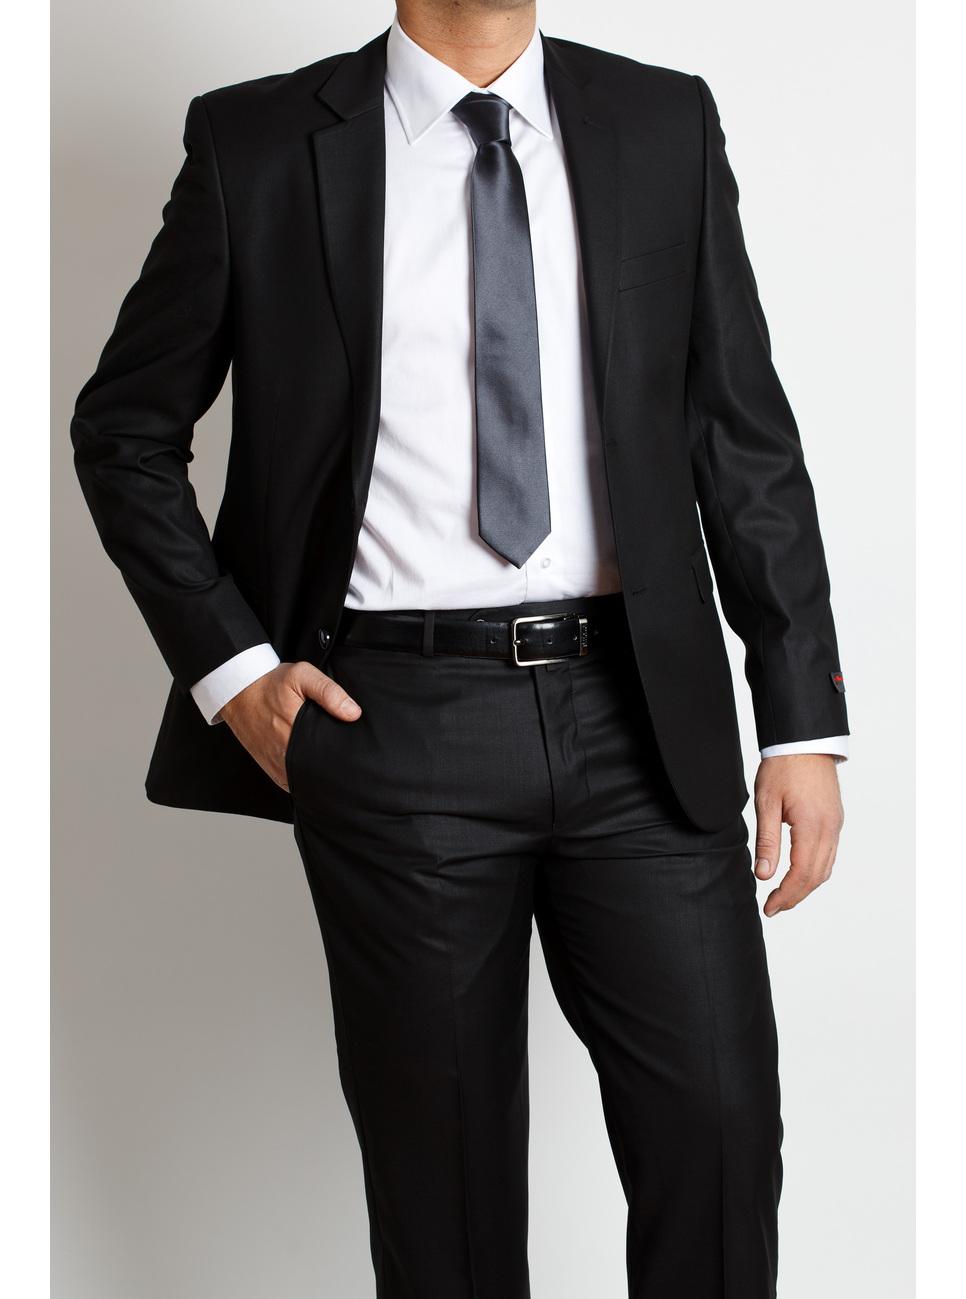 Ceinture costume homme, comment faire un choix qui soit judicieux   838c49fe79a